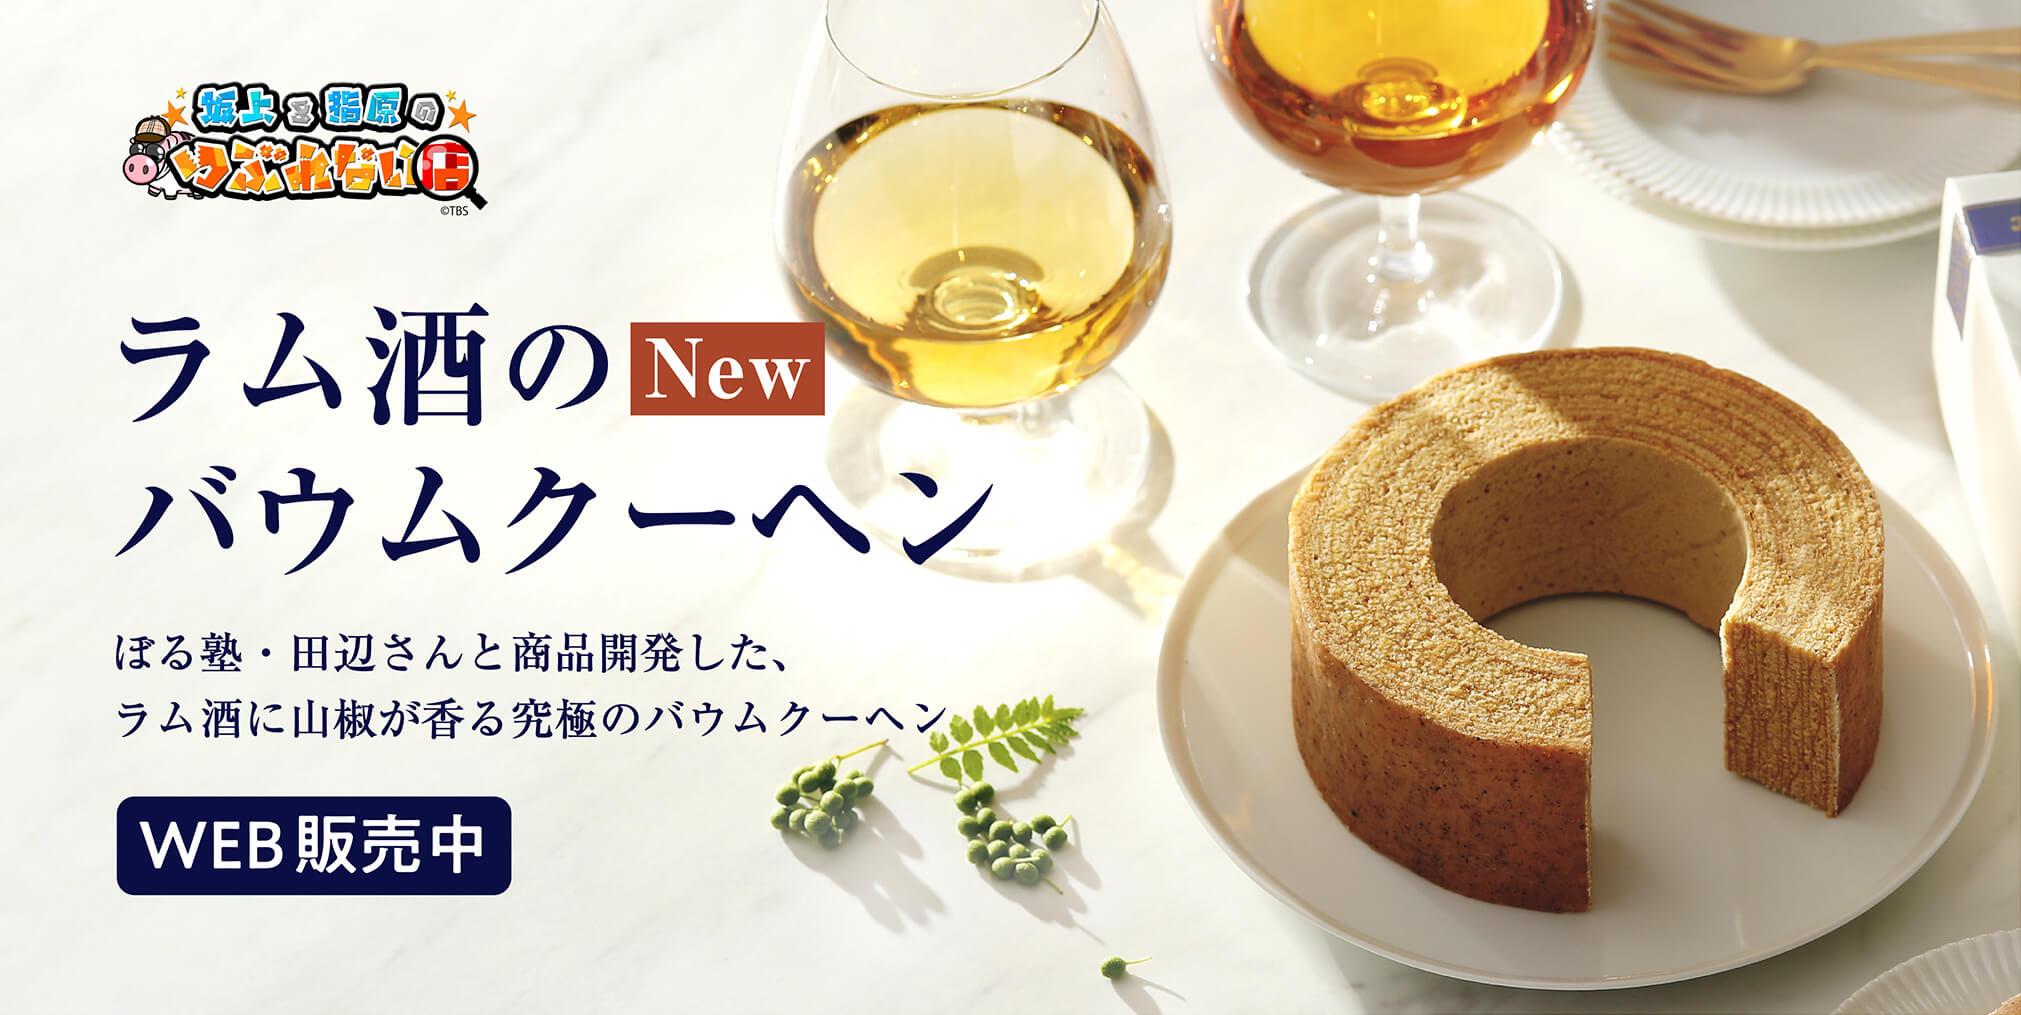 NEW ラム酒のバウムクーヘン ぼる塾 田辺さんと商品開発した、ラム酒に山椒が香る究極のバウムクーヘン WEB販売中